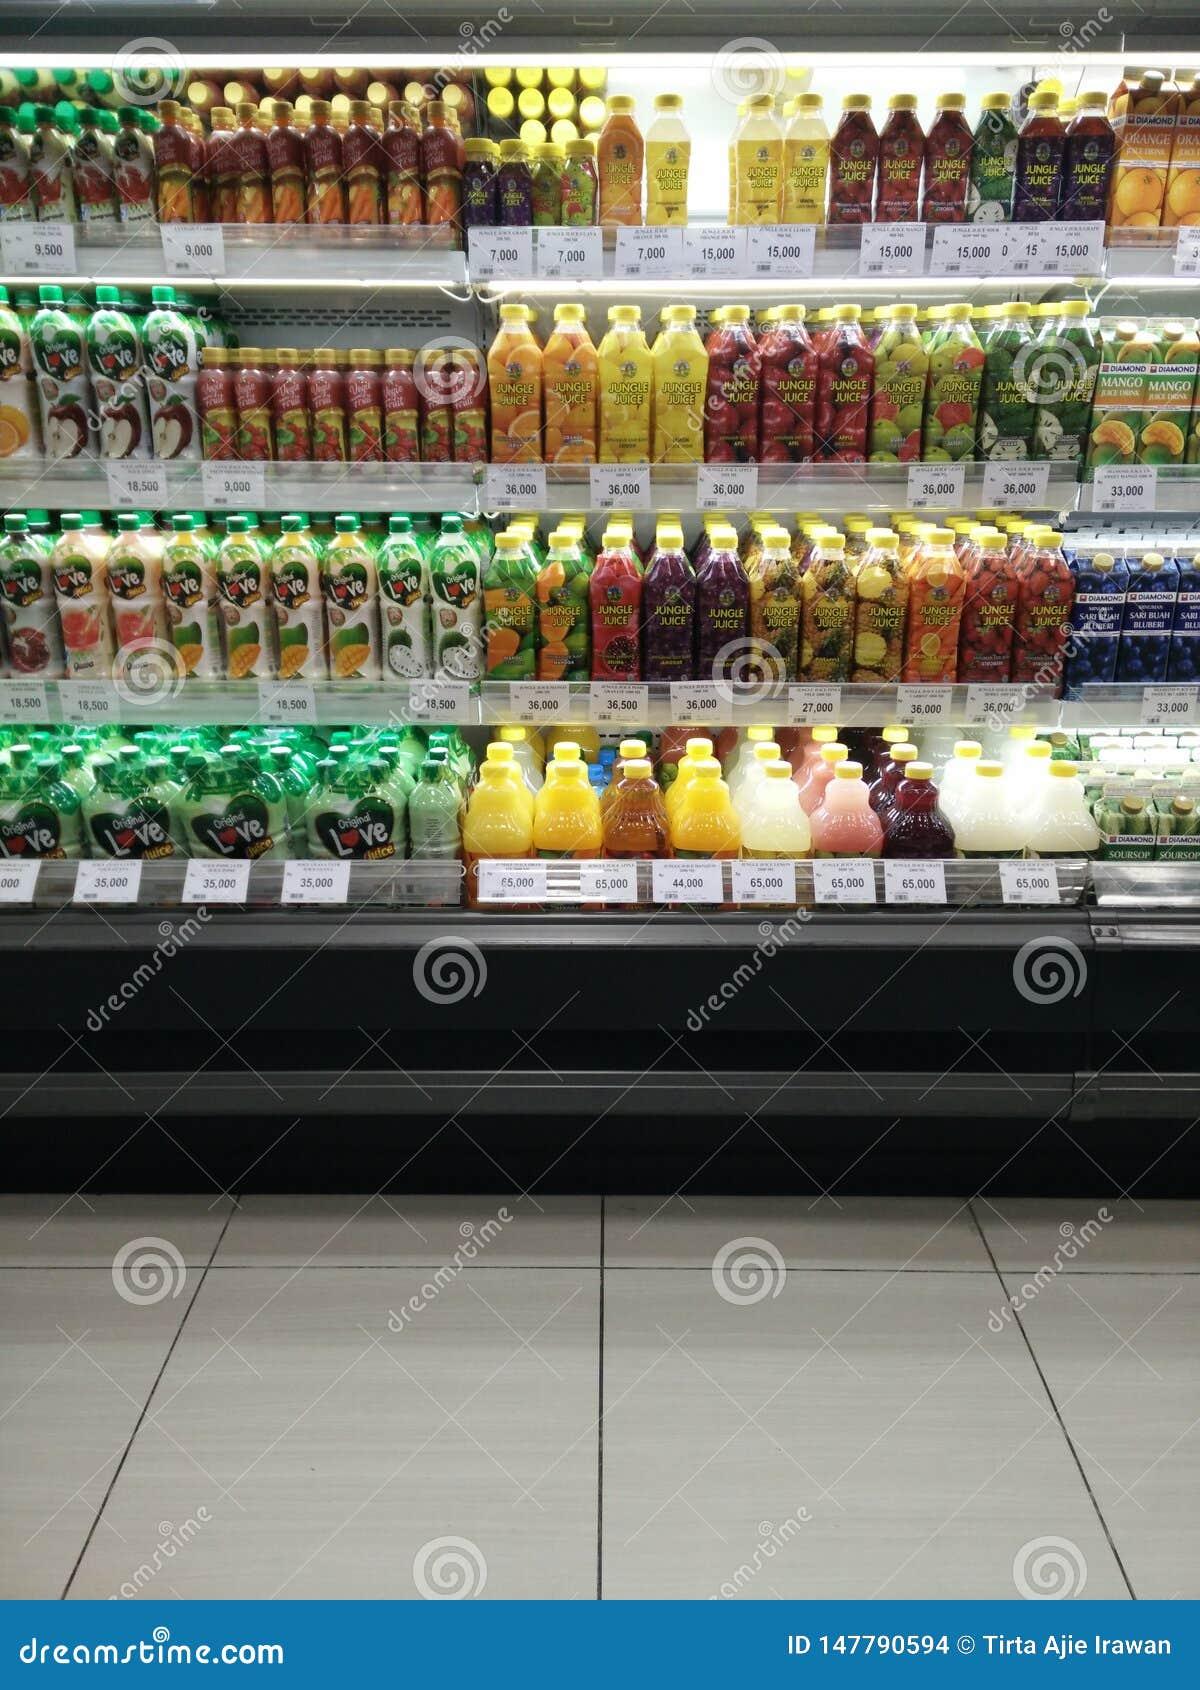 Bekasi, ποικιλία της δυτικής Ιάβας Ινδονησία στις 13 Απριλίου 2019 του προϊόντος χυμού νωπών καρπών σε ένα ψυγείο για την πώληση